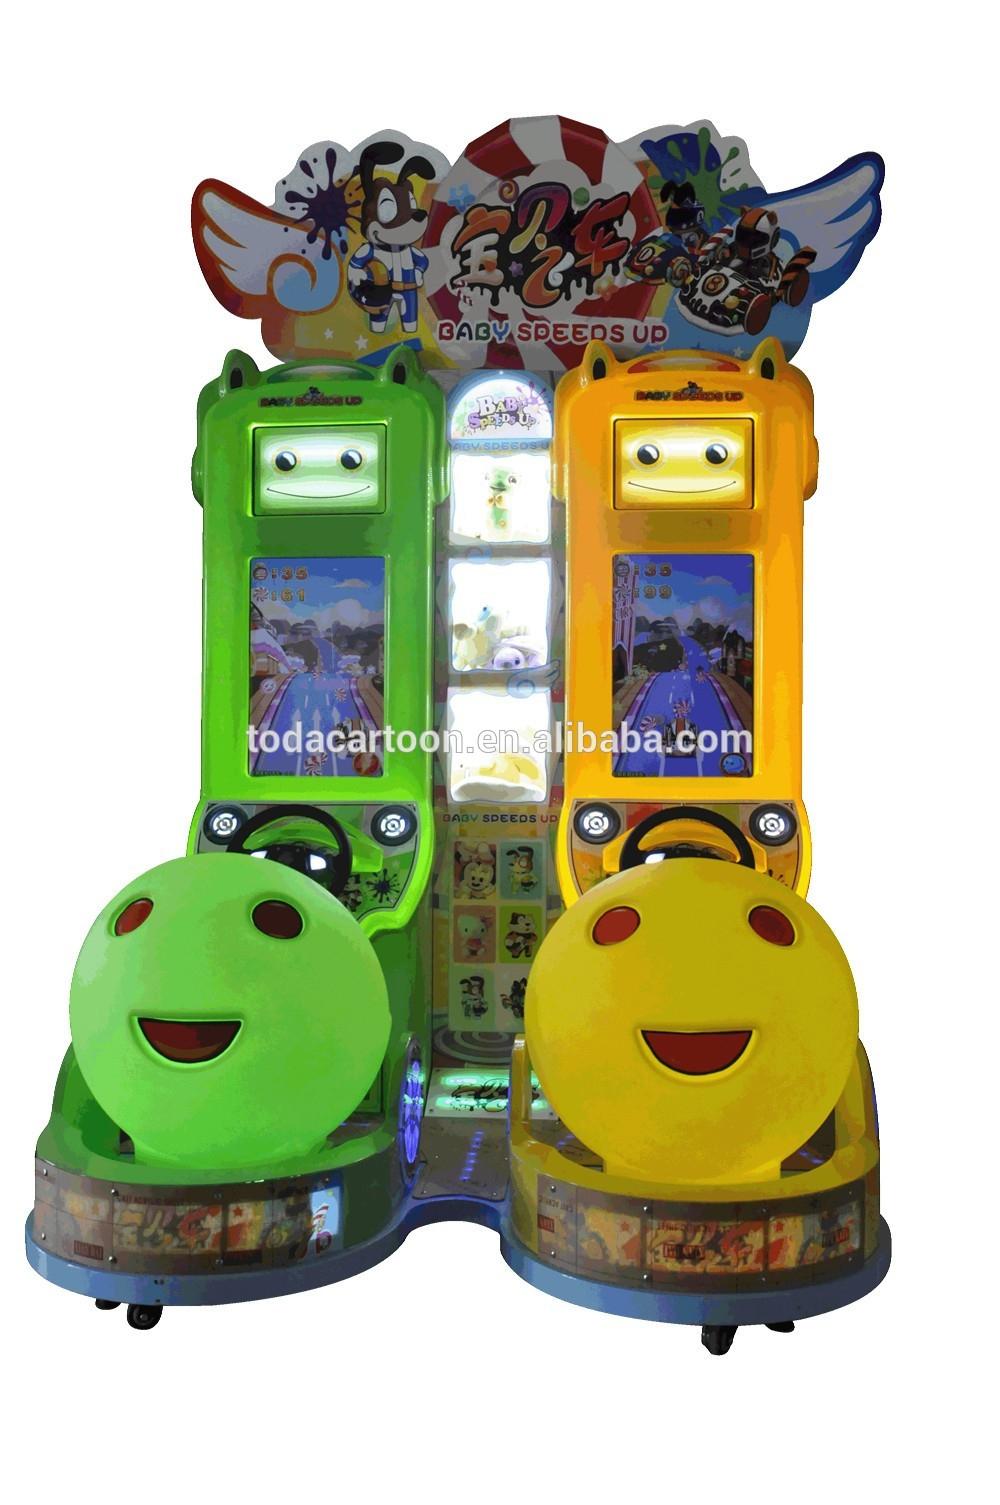 Toda Enfants Machine De Jeu Bébé Simulateur De Course D'arcade Gratuit  Jouer En Ligne Moteur Enfants Jeux De Voiture Pour Les Garçons Vente - Buy avec Jeux Enfant Gratuit En Ligne